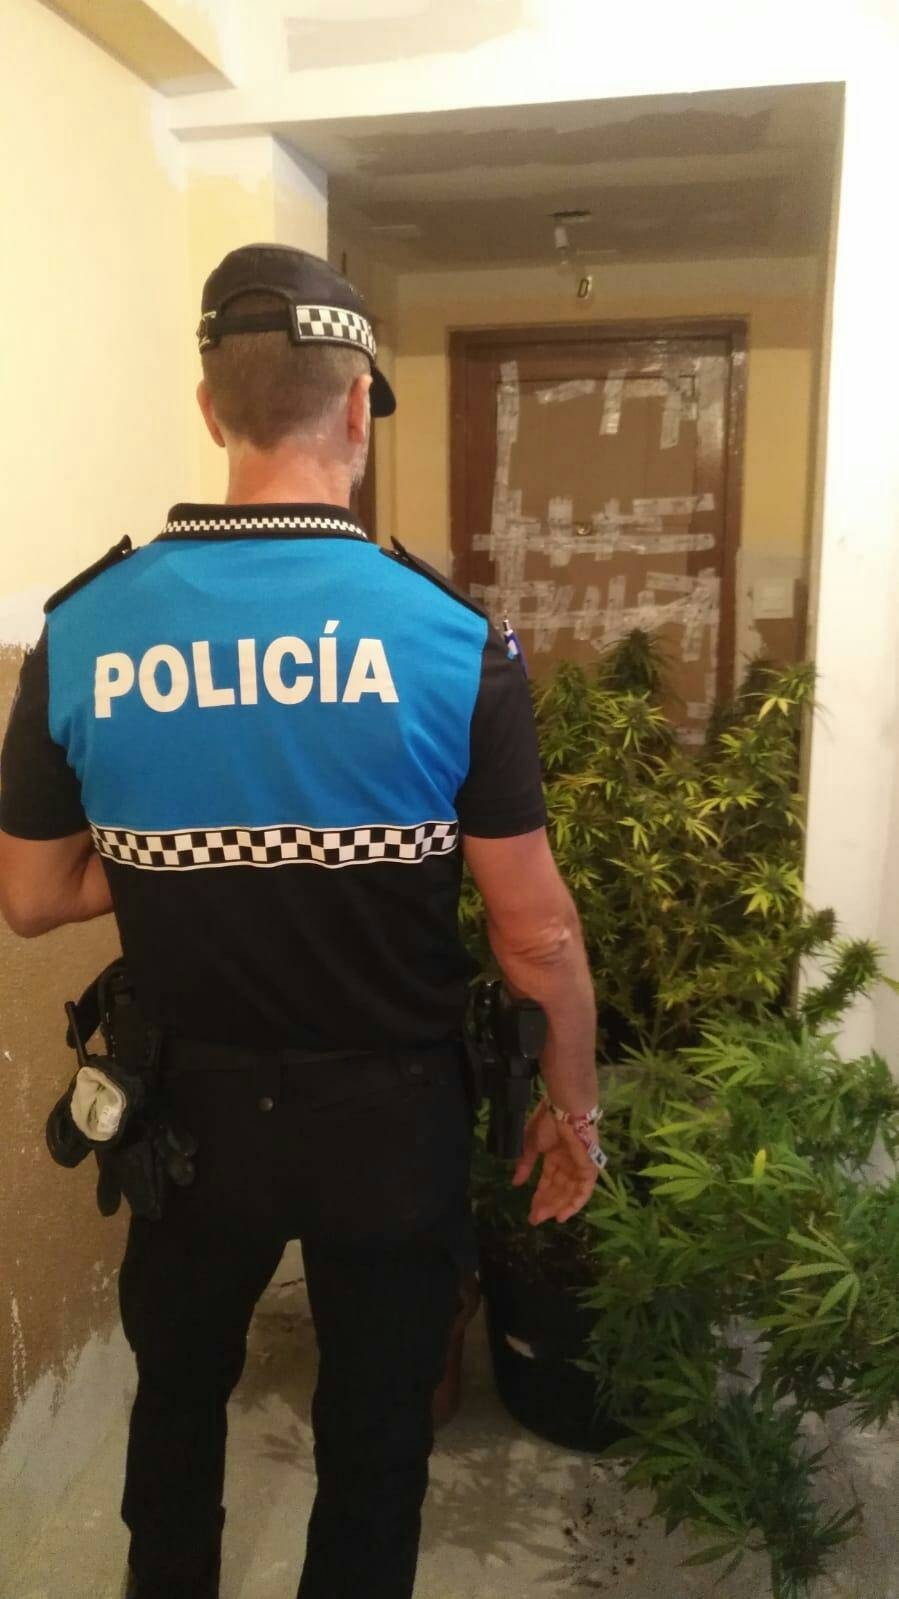 Intervenidas 6 plantas de marihuana en un piso de Delicias